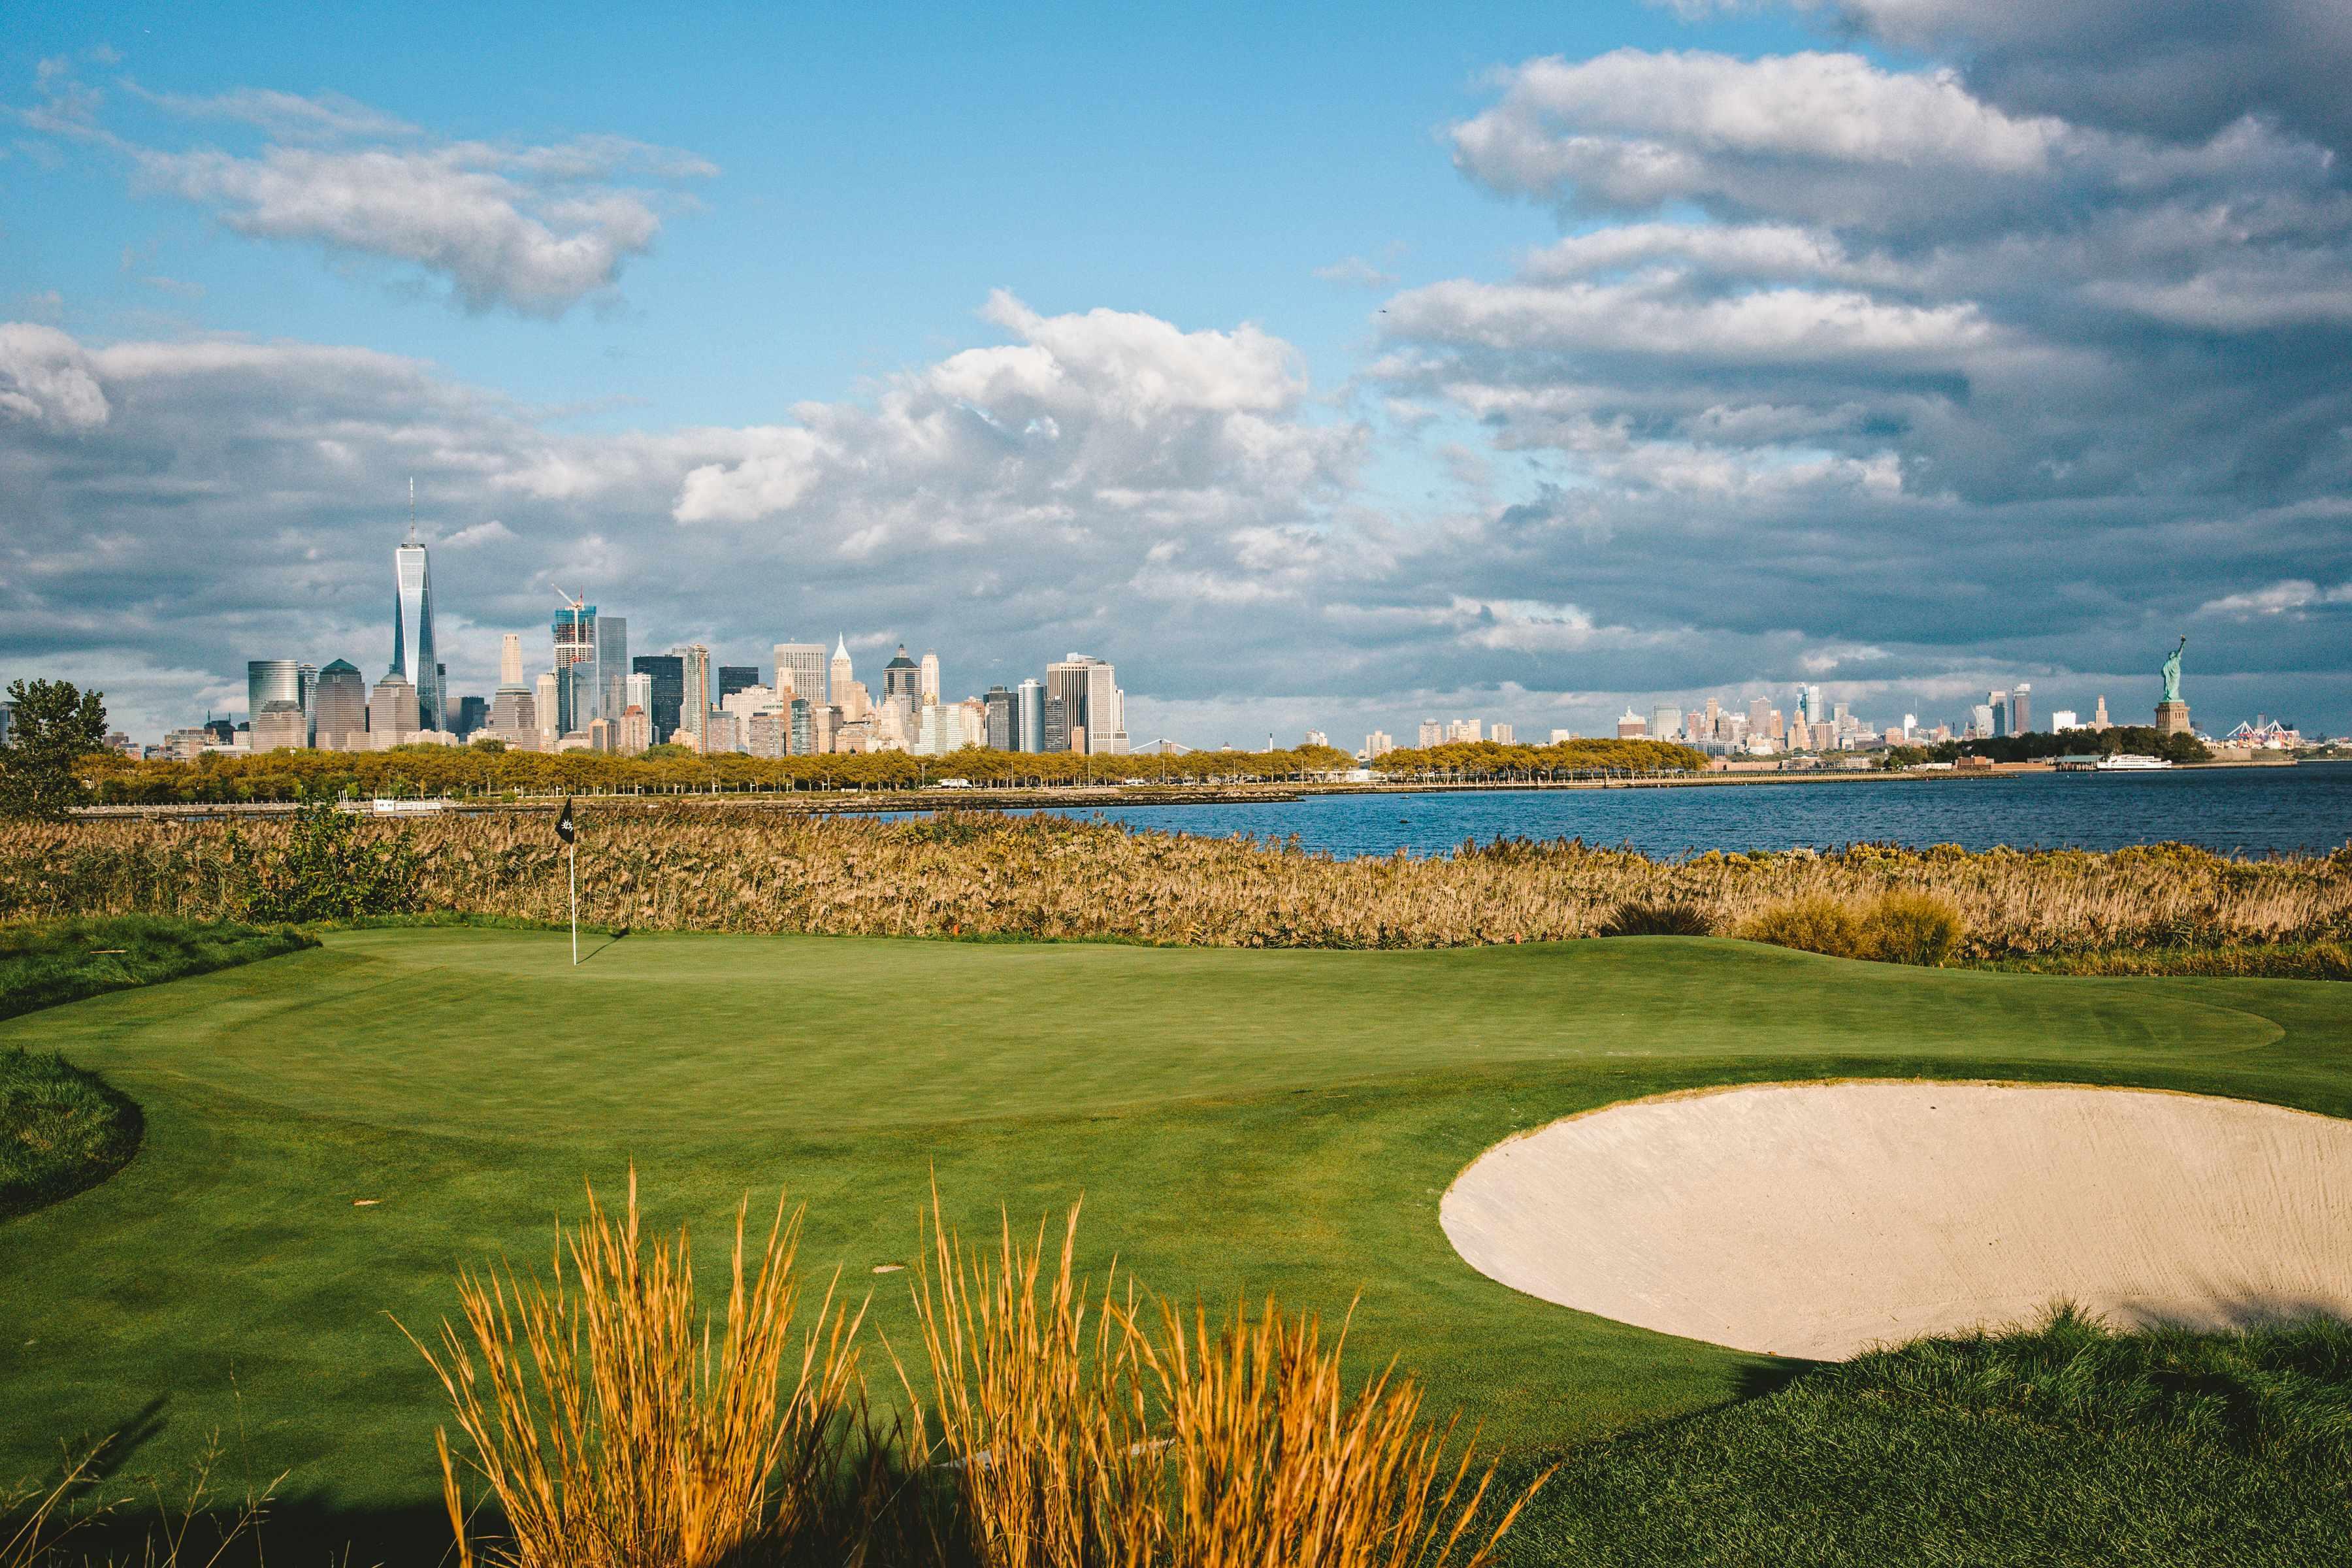 世界最高のゴルフコースでプレイするアダム・スコット